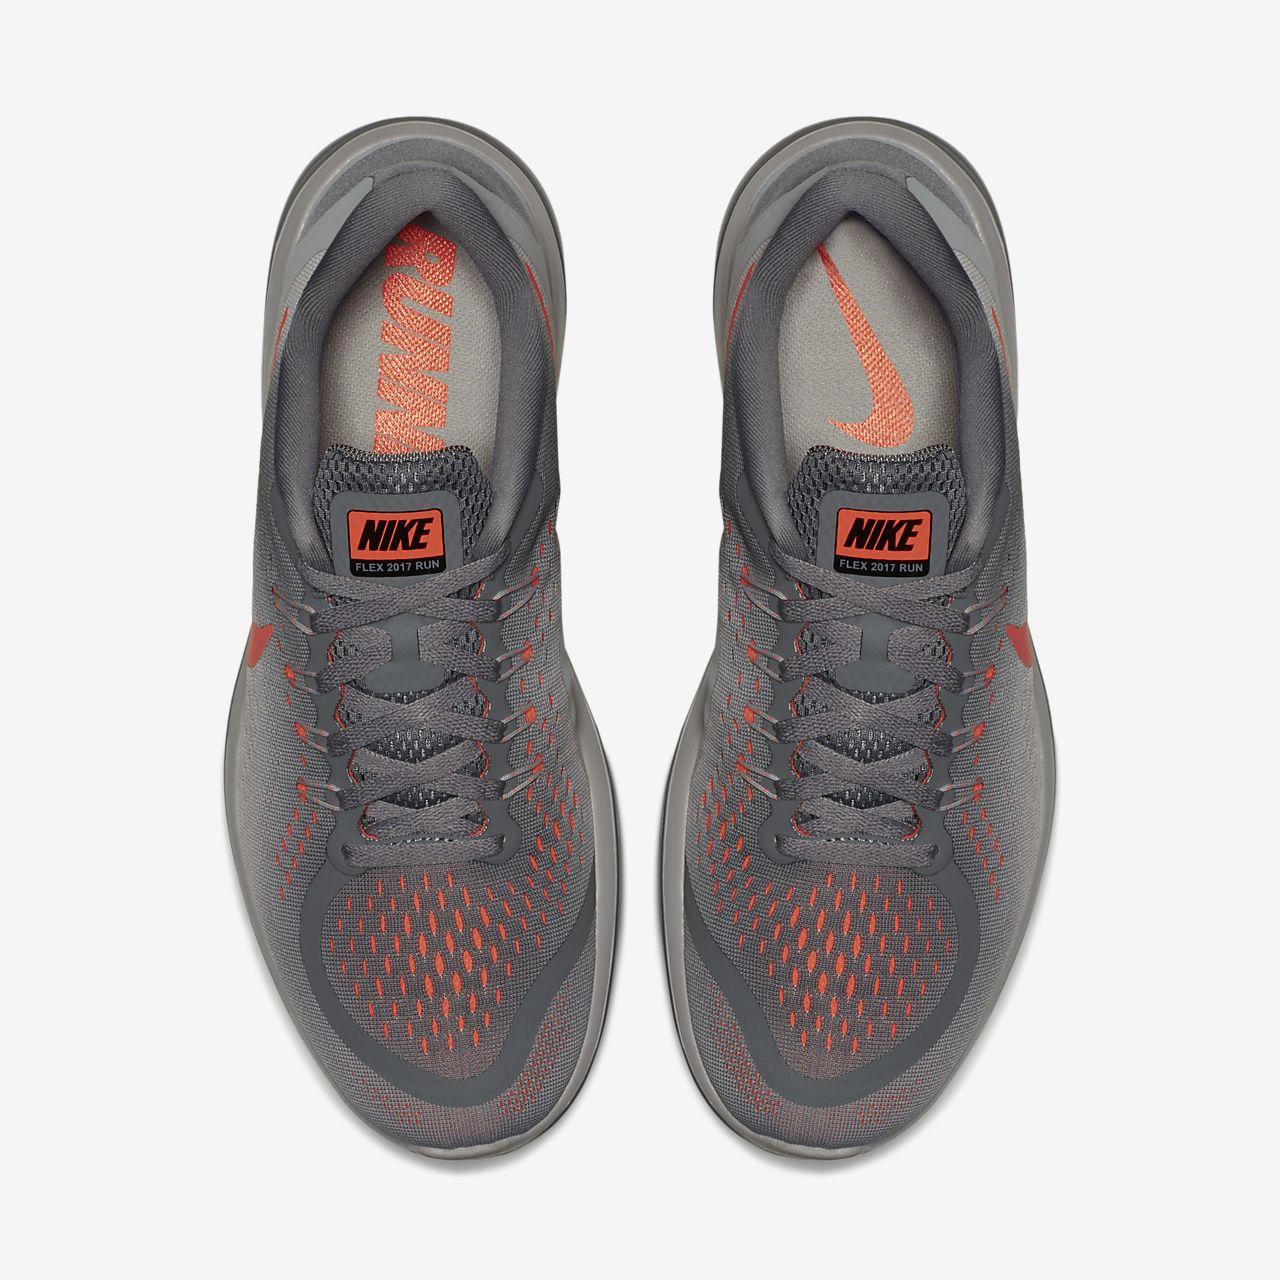 ... Nike Flex 2017 RN Men's Running Shoe